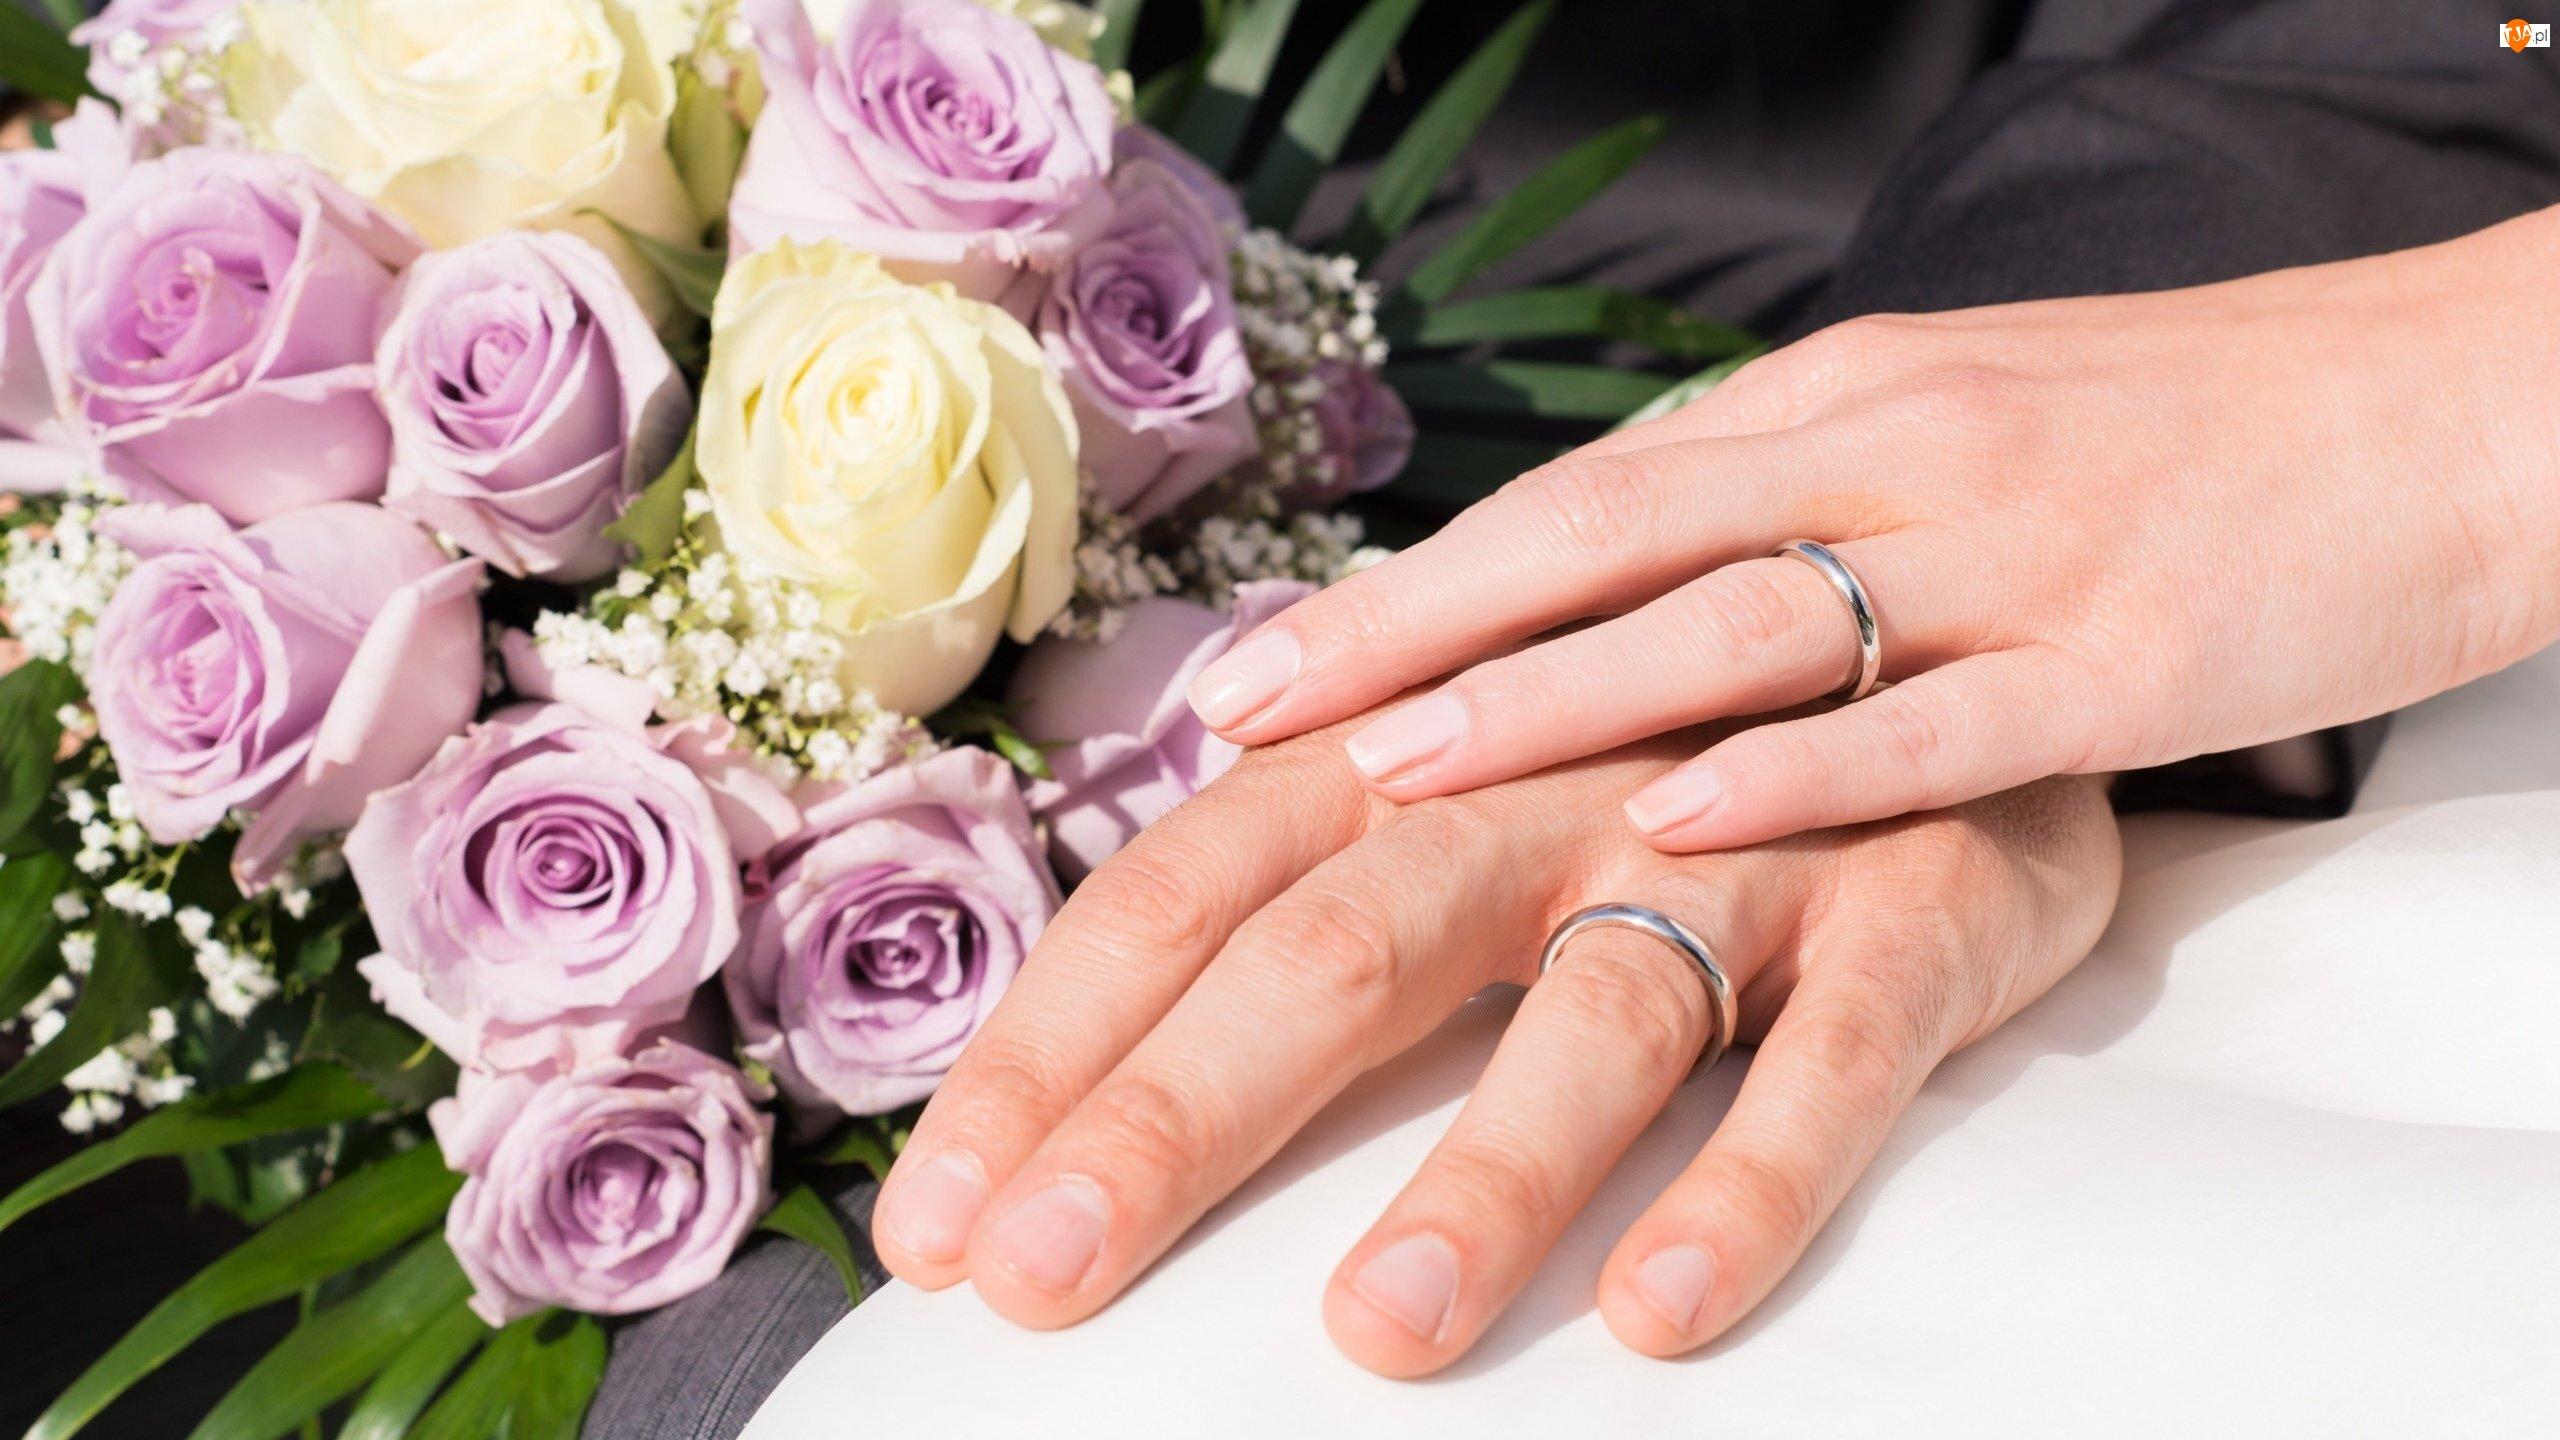 Róże, Dłonie, Ślub, Obrączki